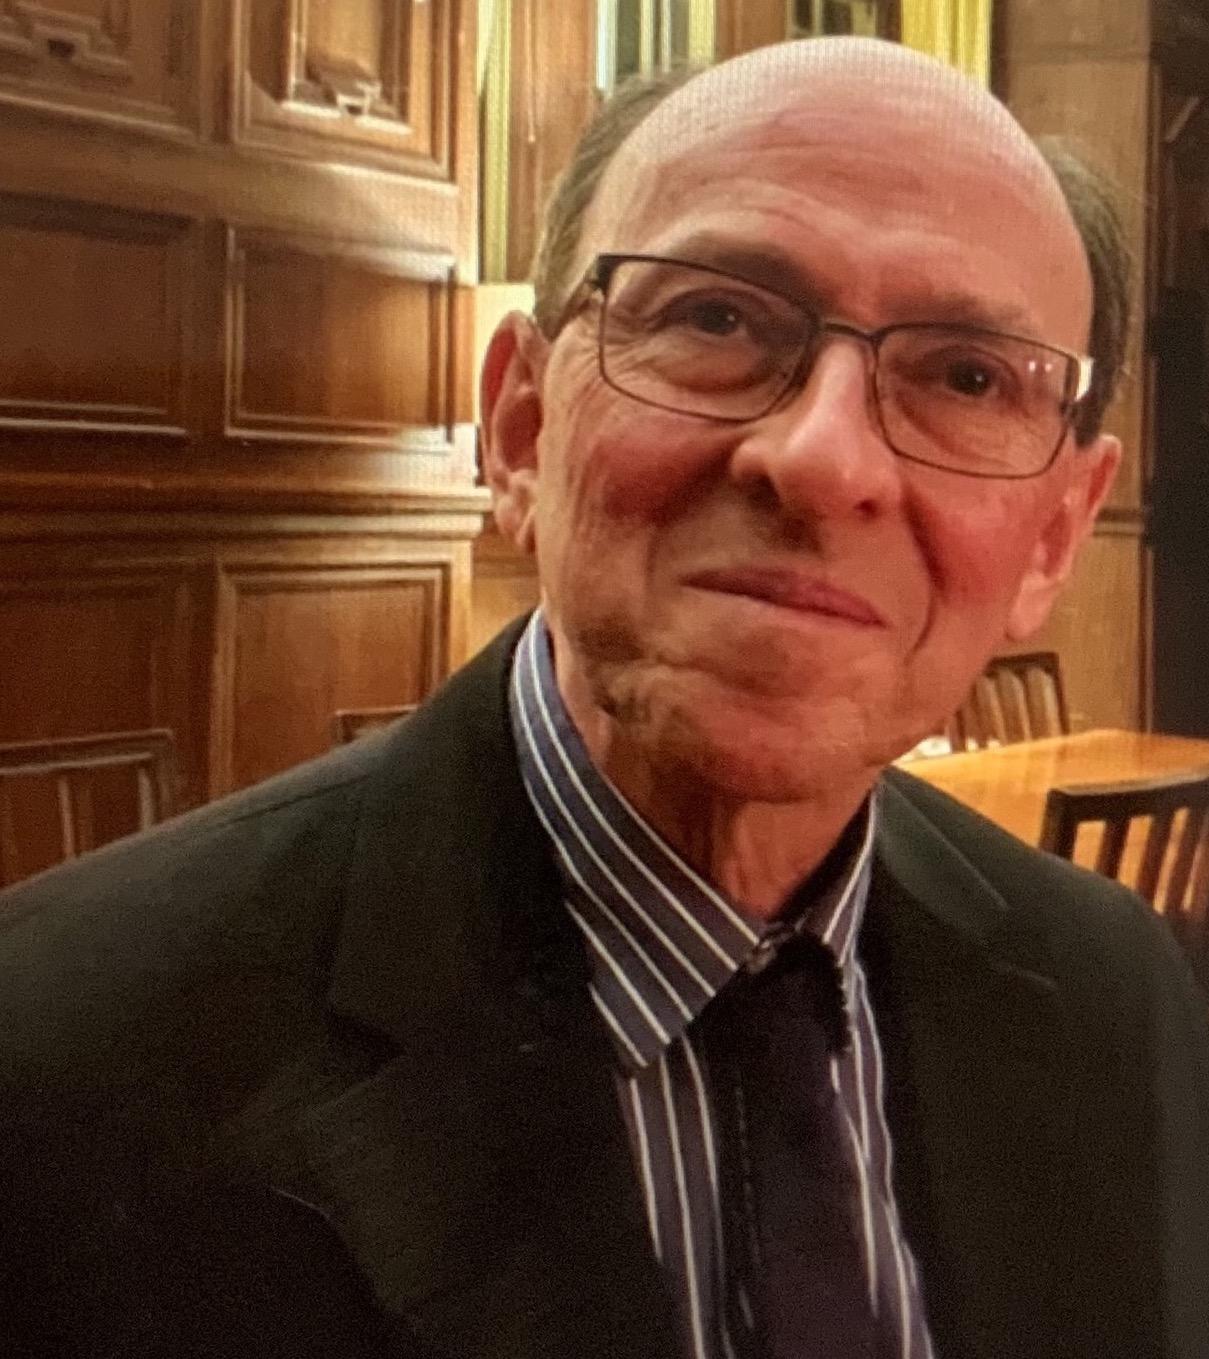 Robert Field